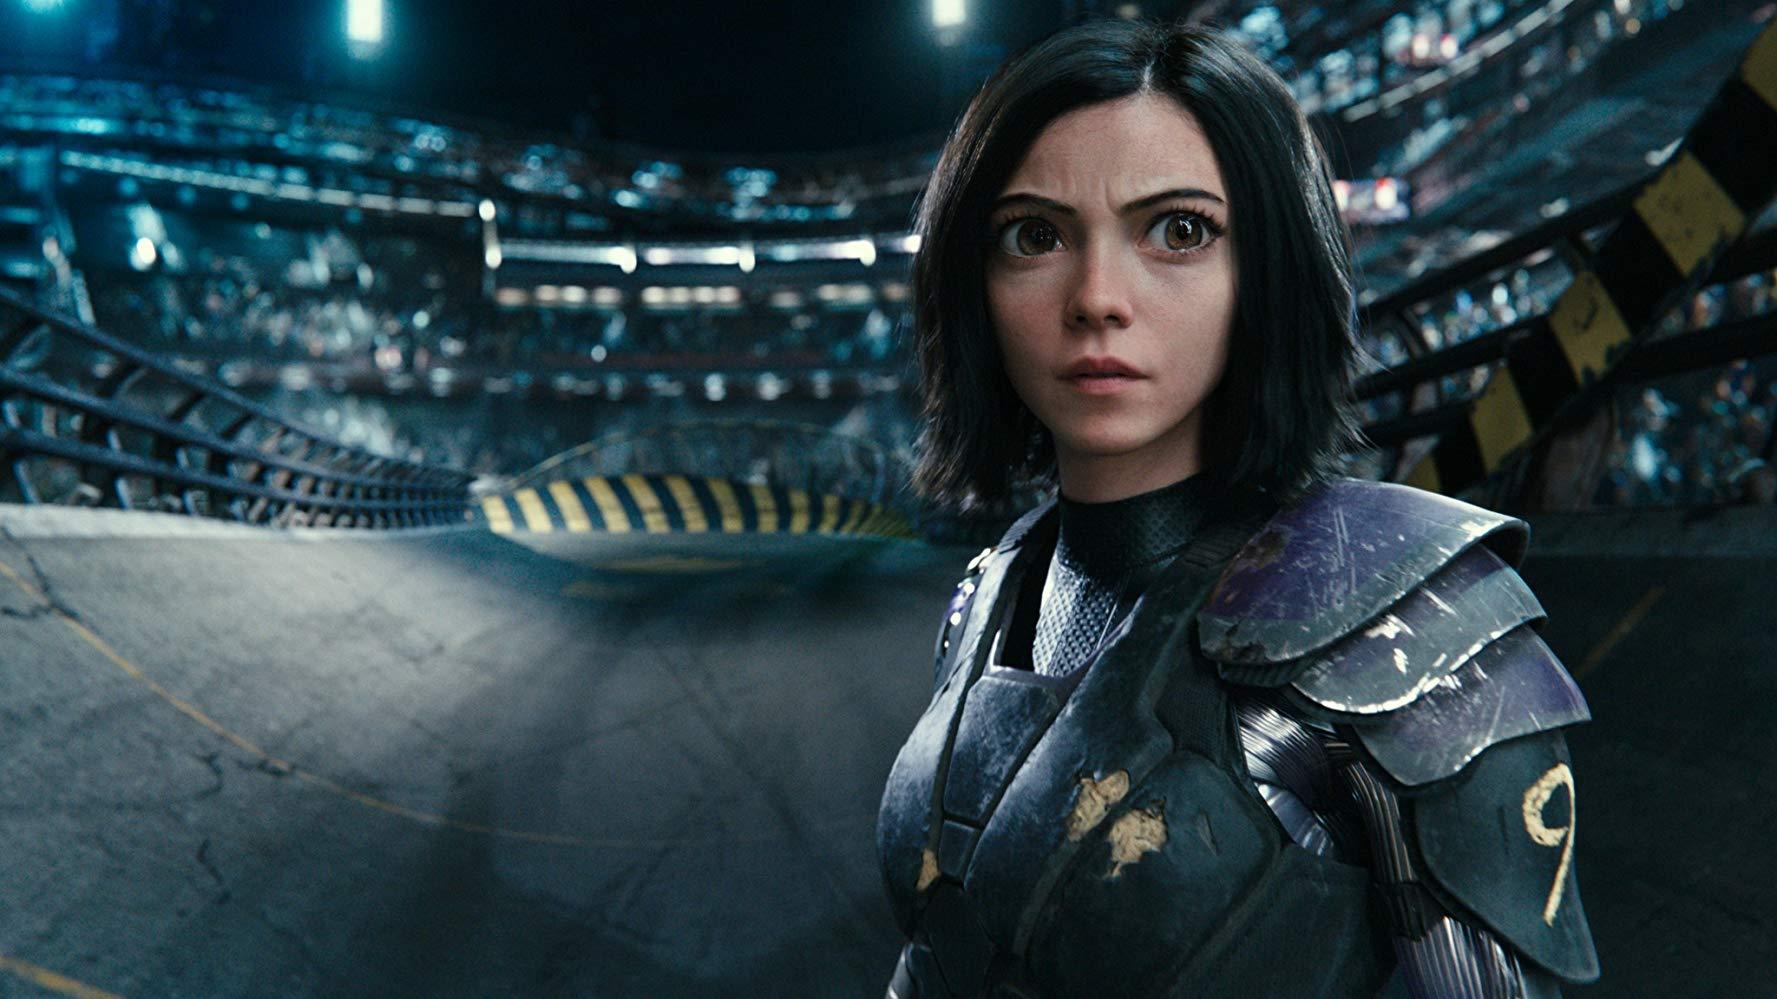 Reseña de la película Battle Angel: La Última Guerrera - Alita: Battle Angel (2019)